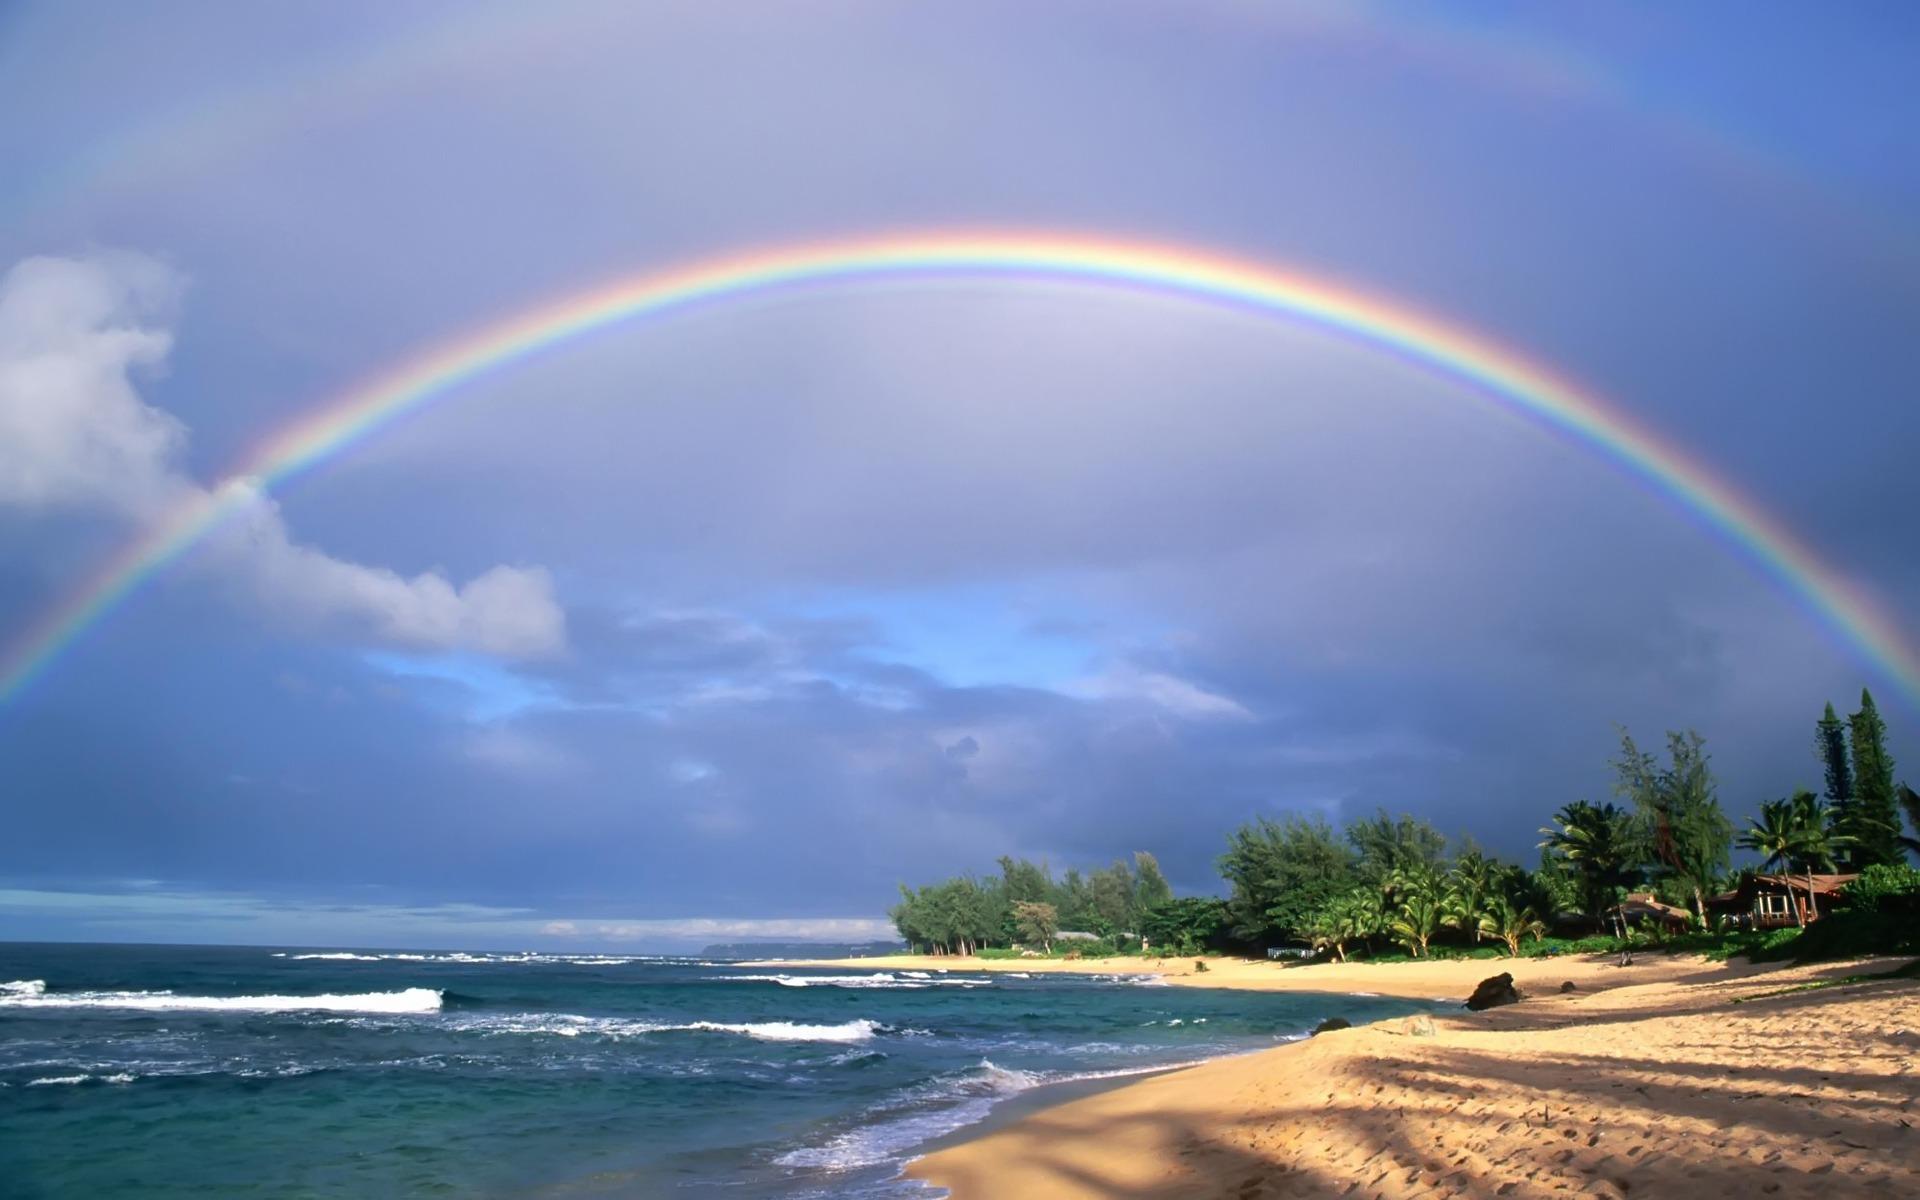 ¿Porqué cuando llueve forma un arco iris y no otra forma?